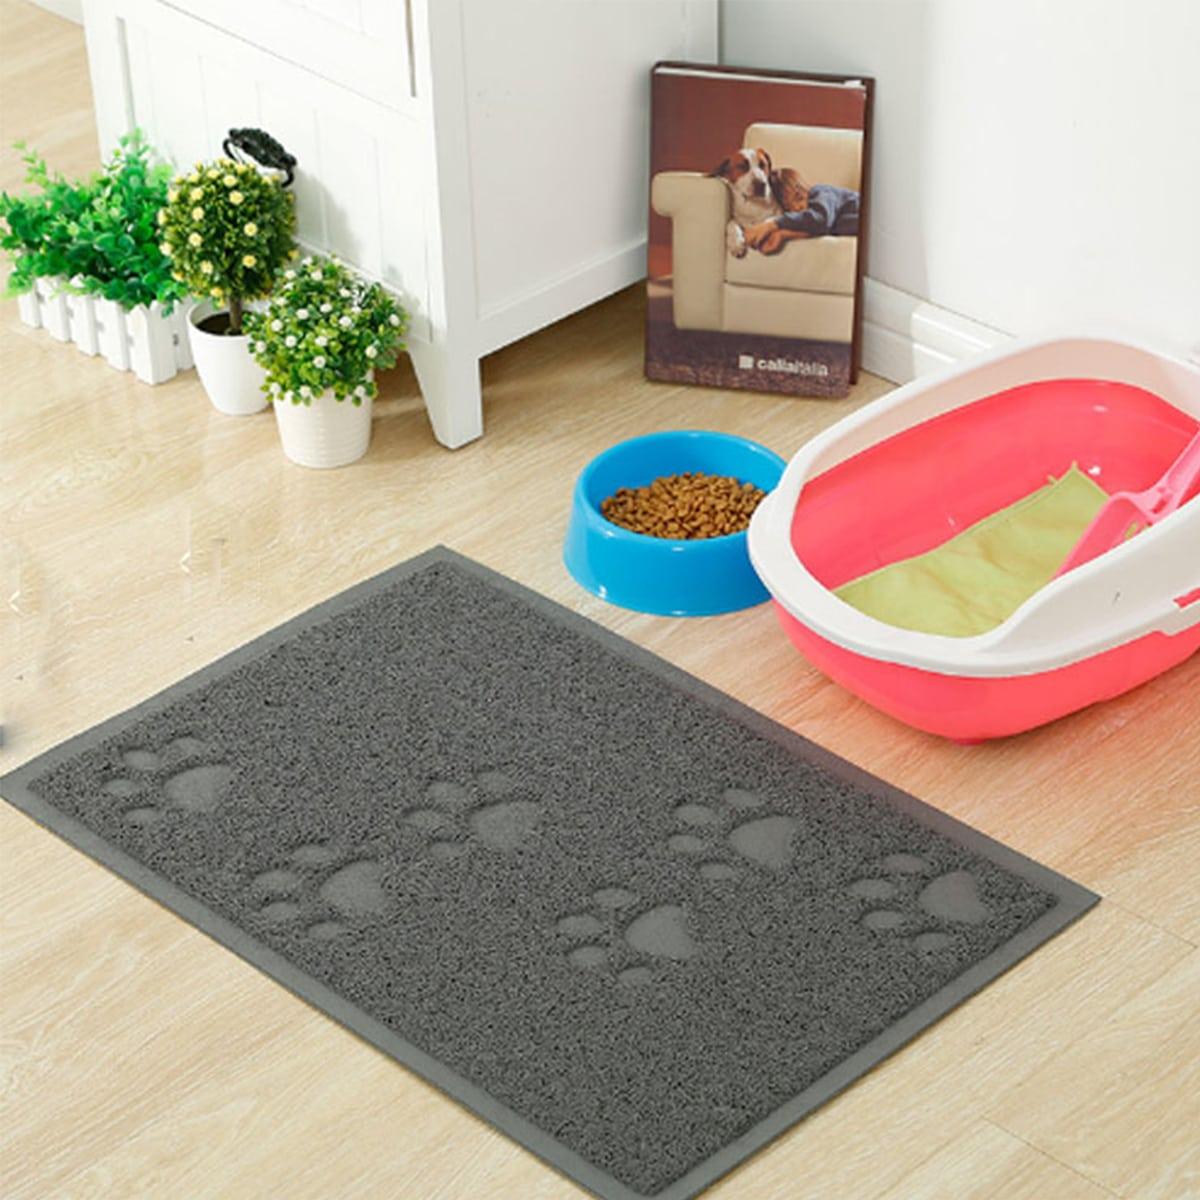 1шт коврик для кошачьего туалета с принтом когтя